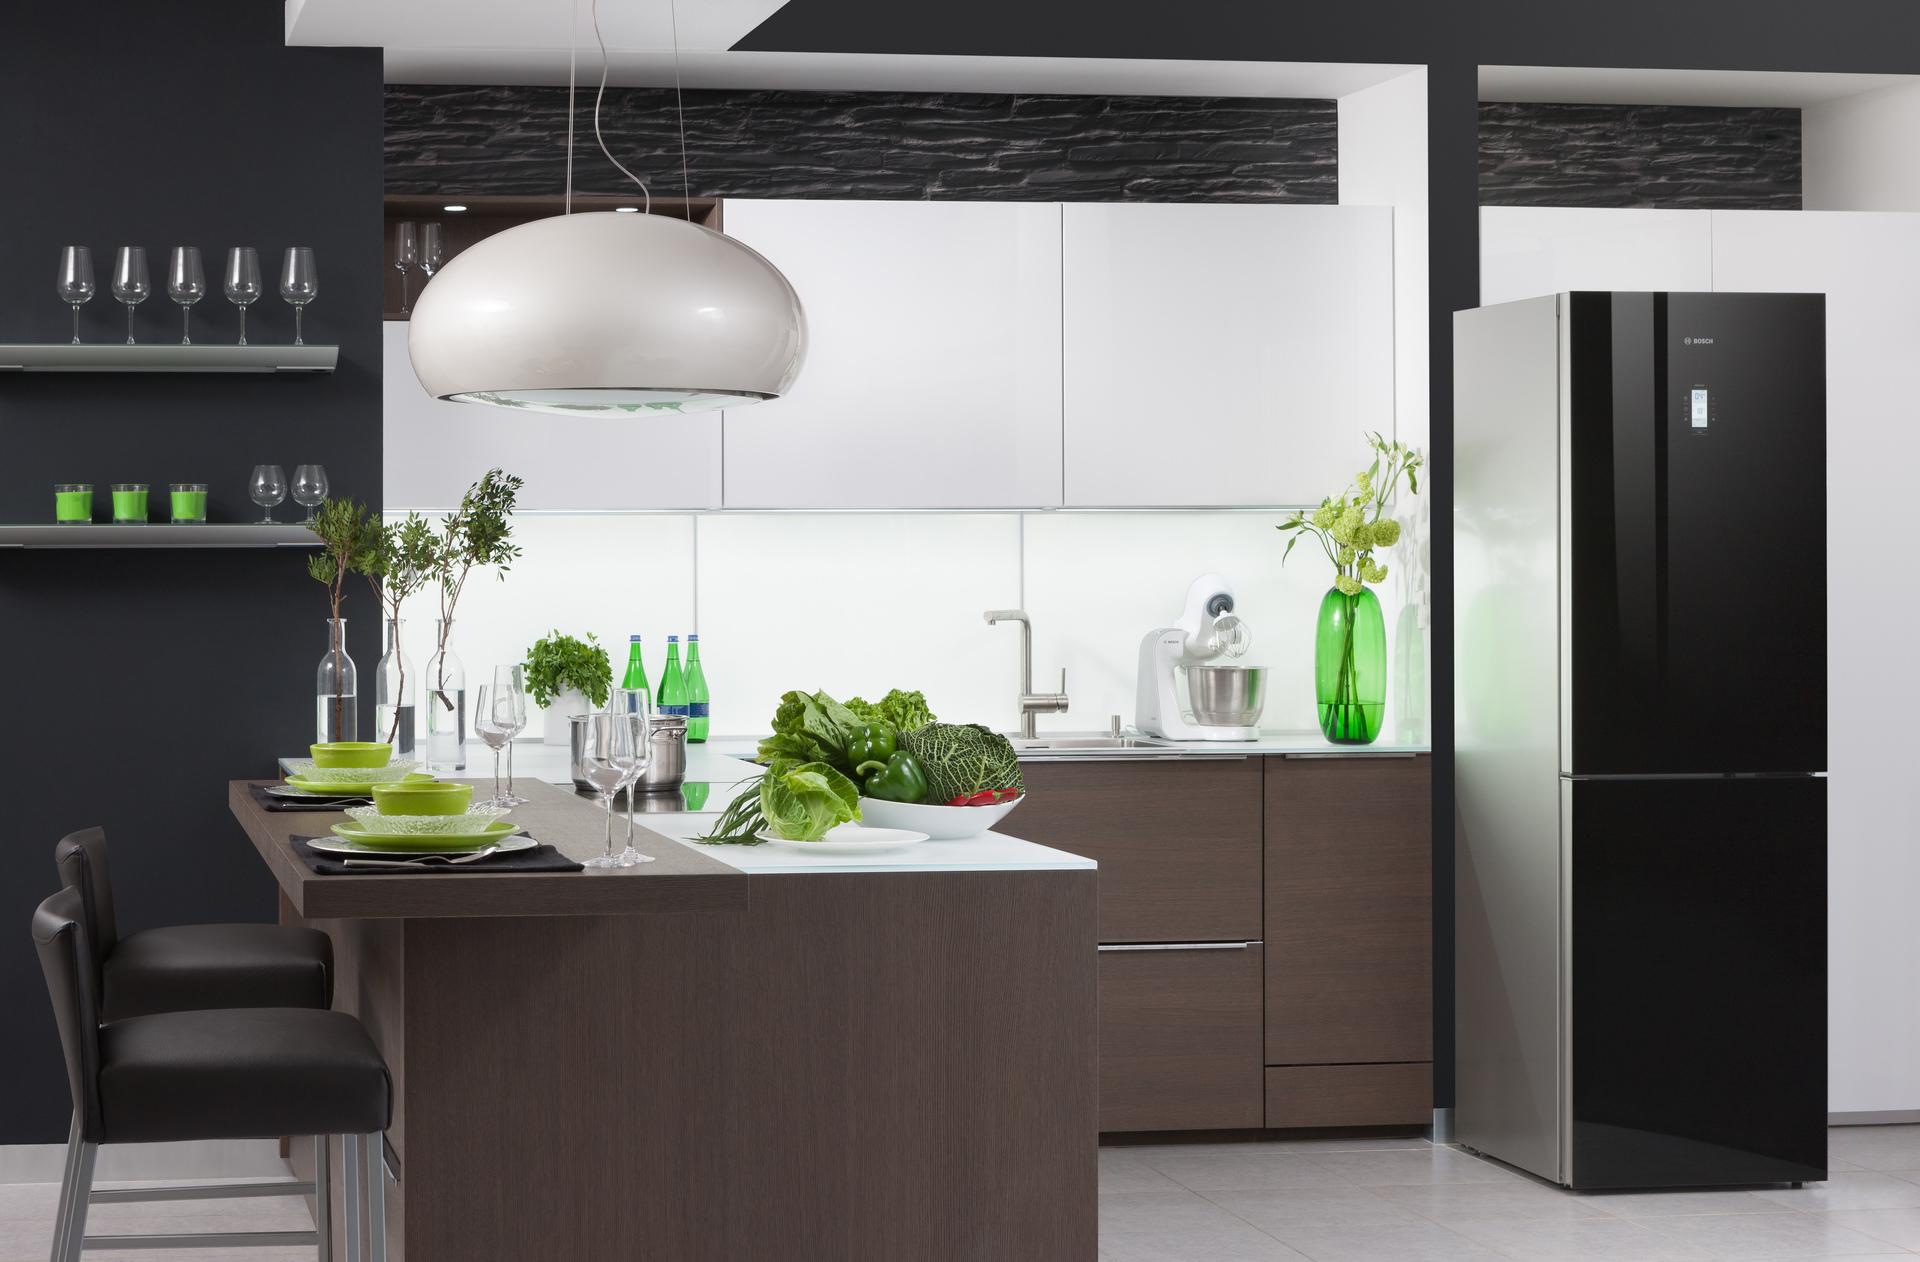 Bosch холодильники в интернет-магазине кухонной техники Миллиардум в Краснодаре